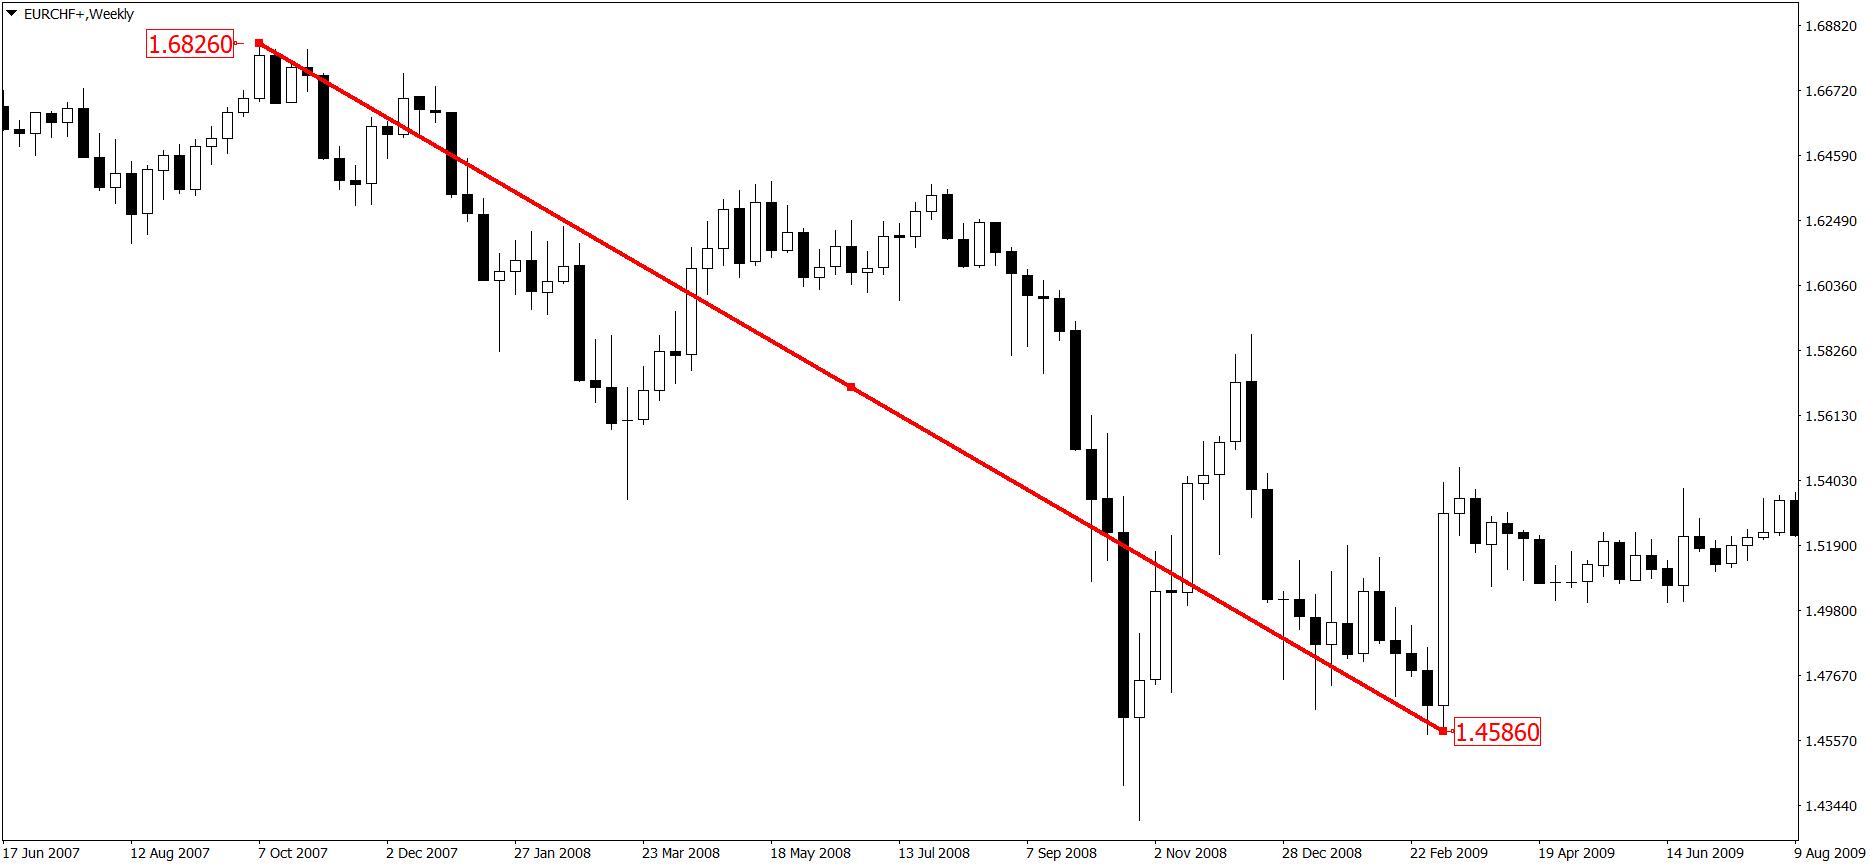 tygodniowy wykres EUR/CHF